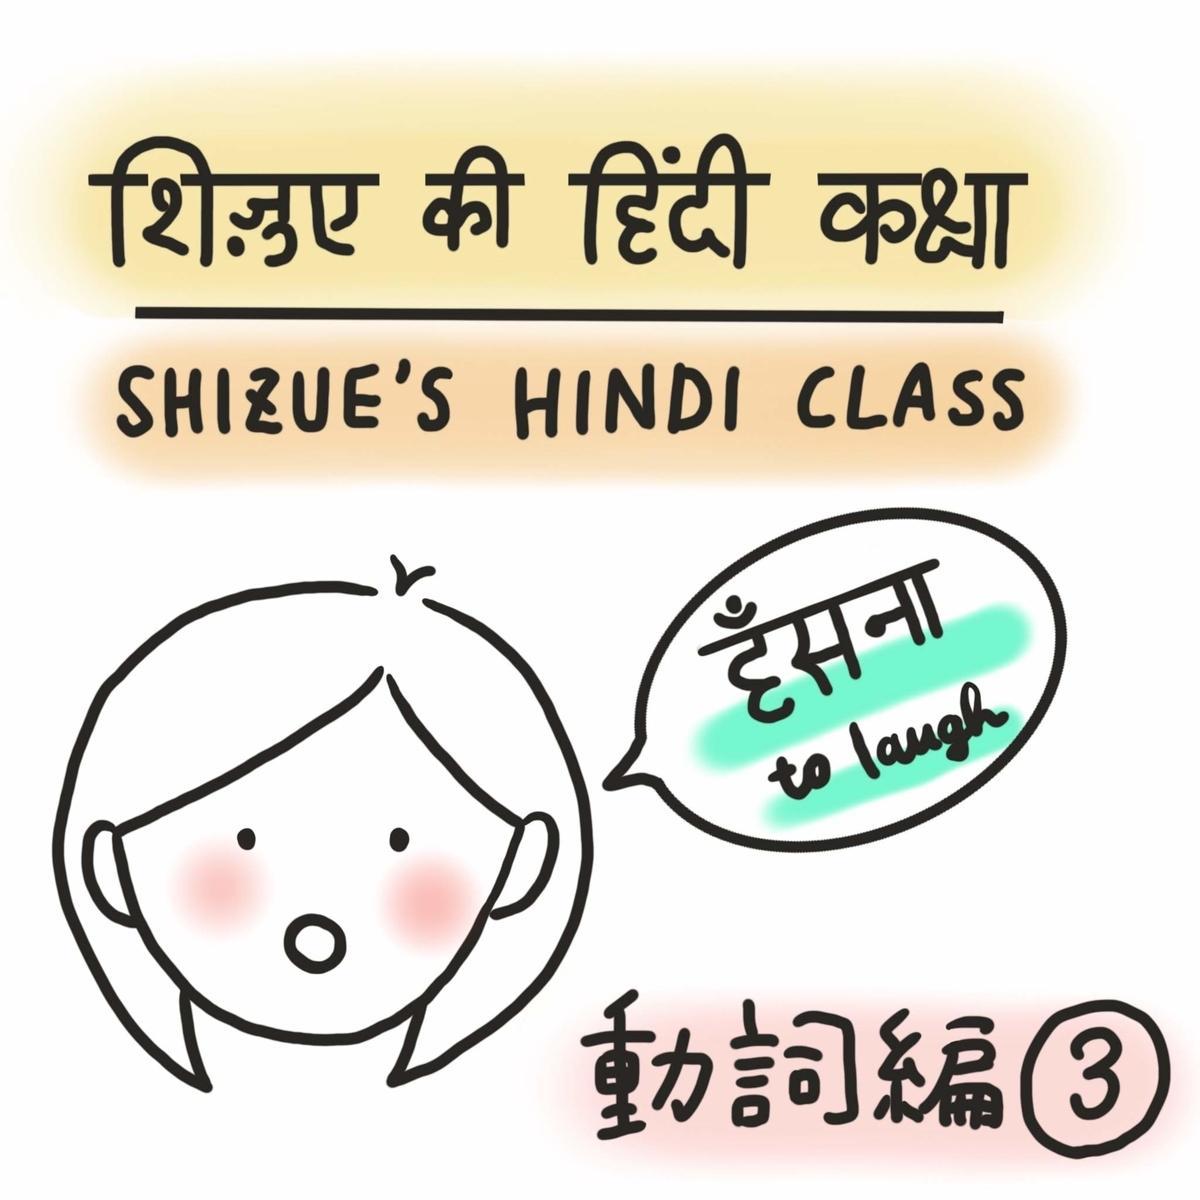 f:id:shinshizue:20200326063534j:plain